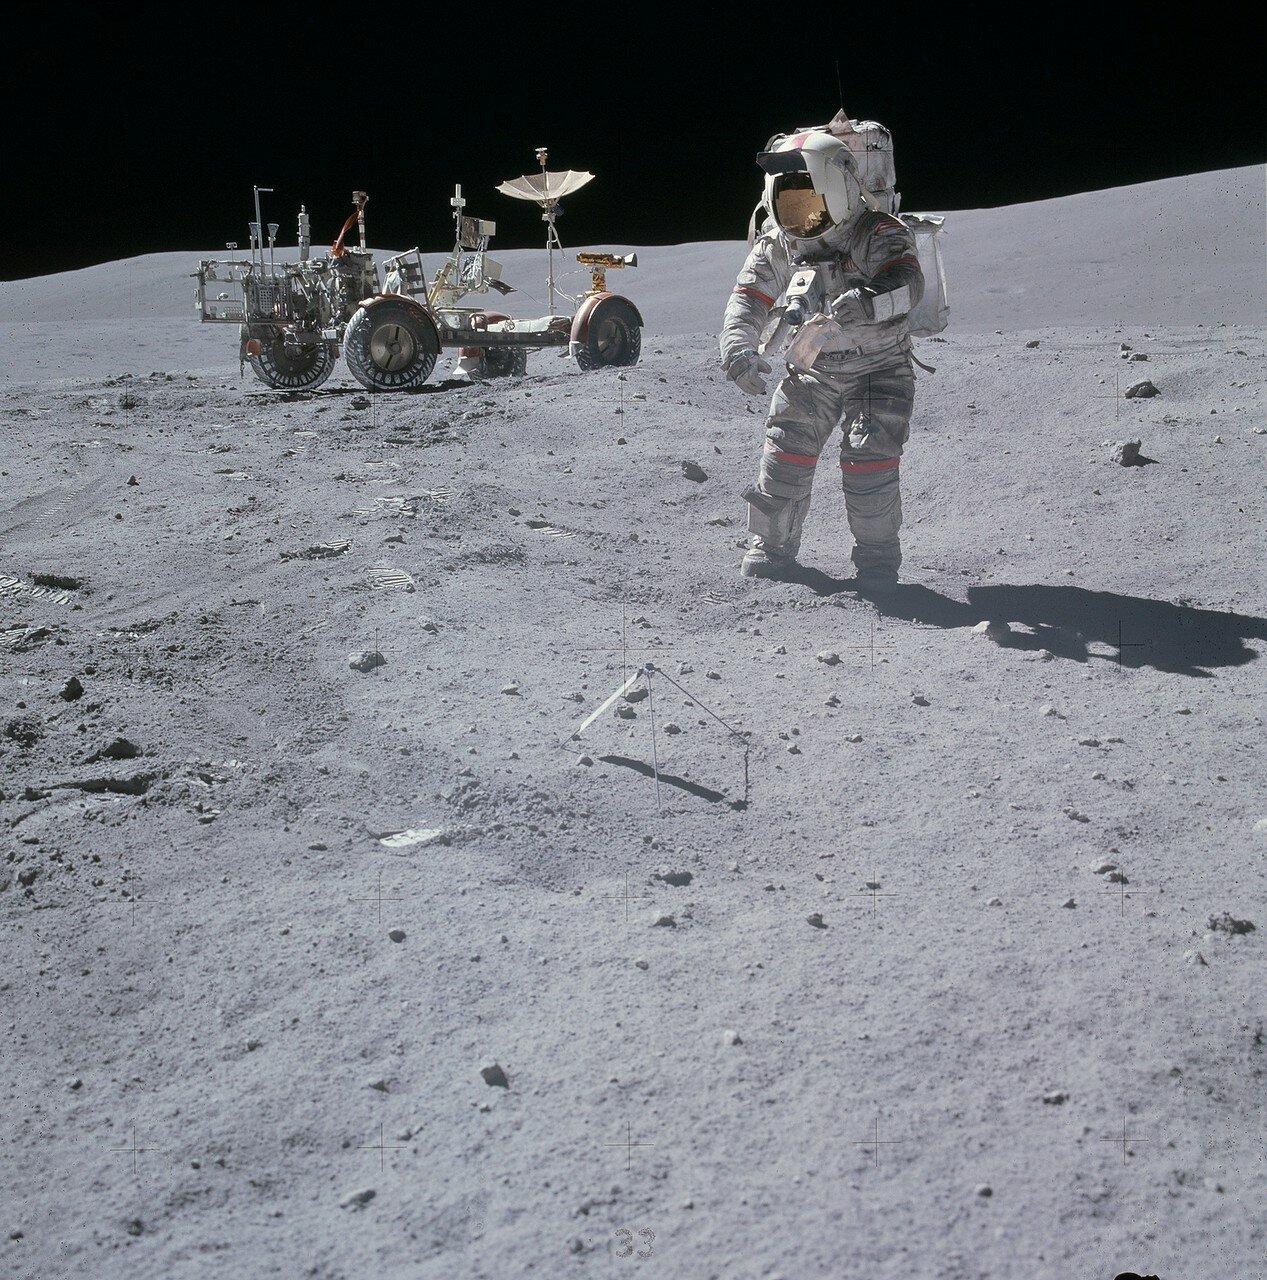 Перед началом работы на Station 10 астронавты запросили ЦУП о продлении ВКД. Им хотелось побить текущий рекорд продолжительности выхода на лунную поверхность, установленный во время предыдущей экспедиции «Аполлона-15». На снимке Джон Янг на Station 10